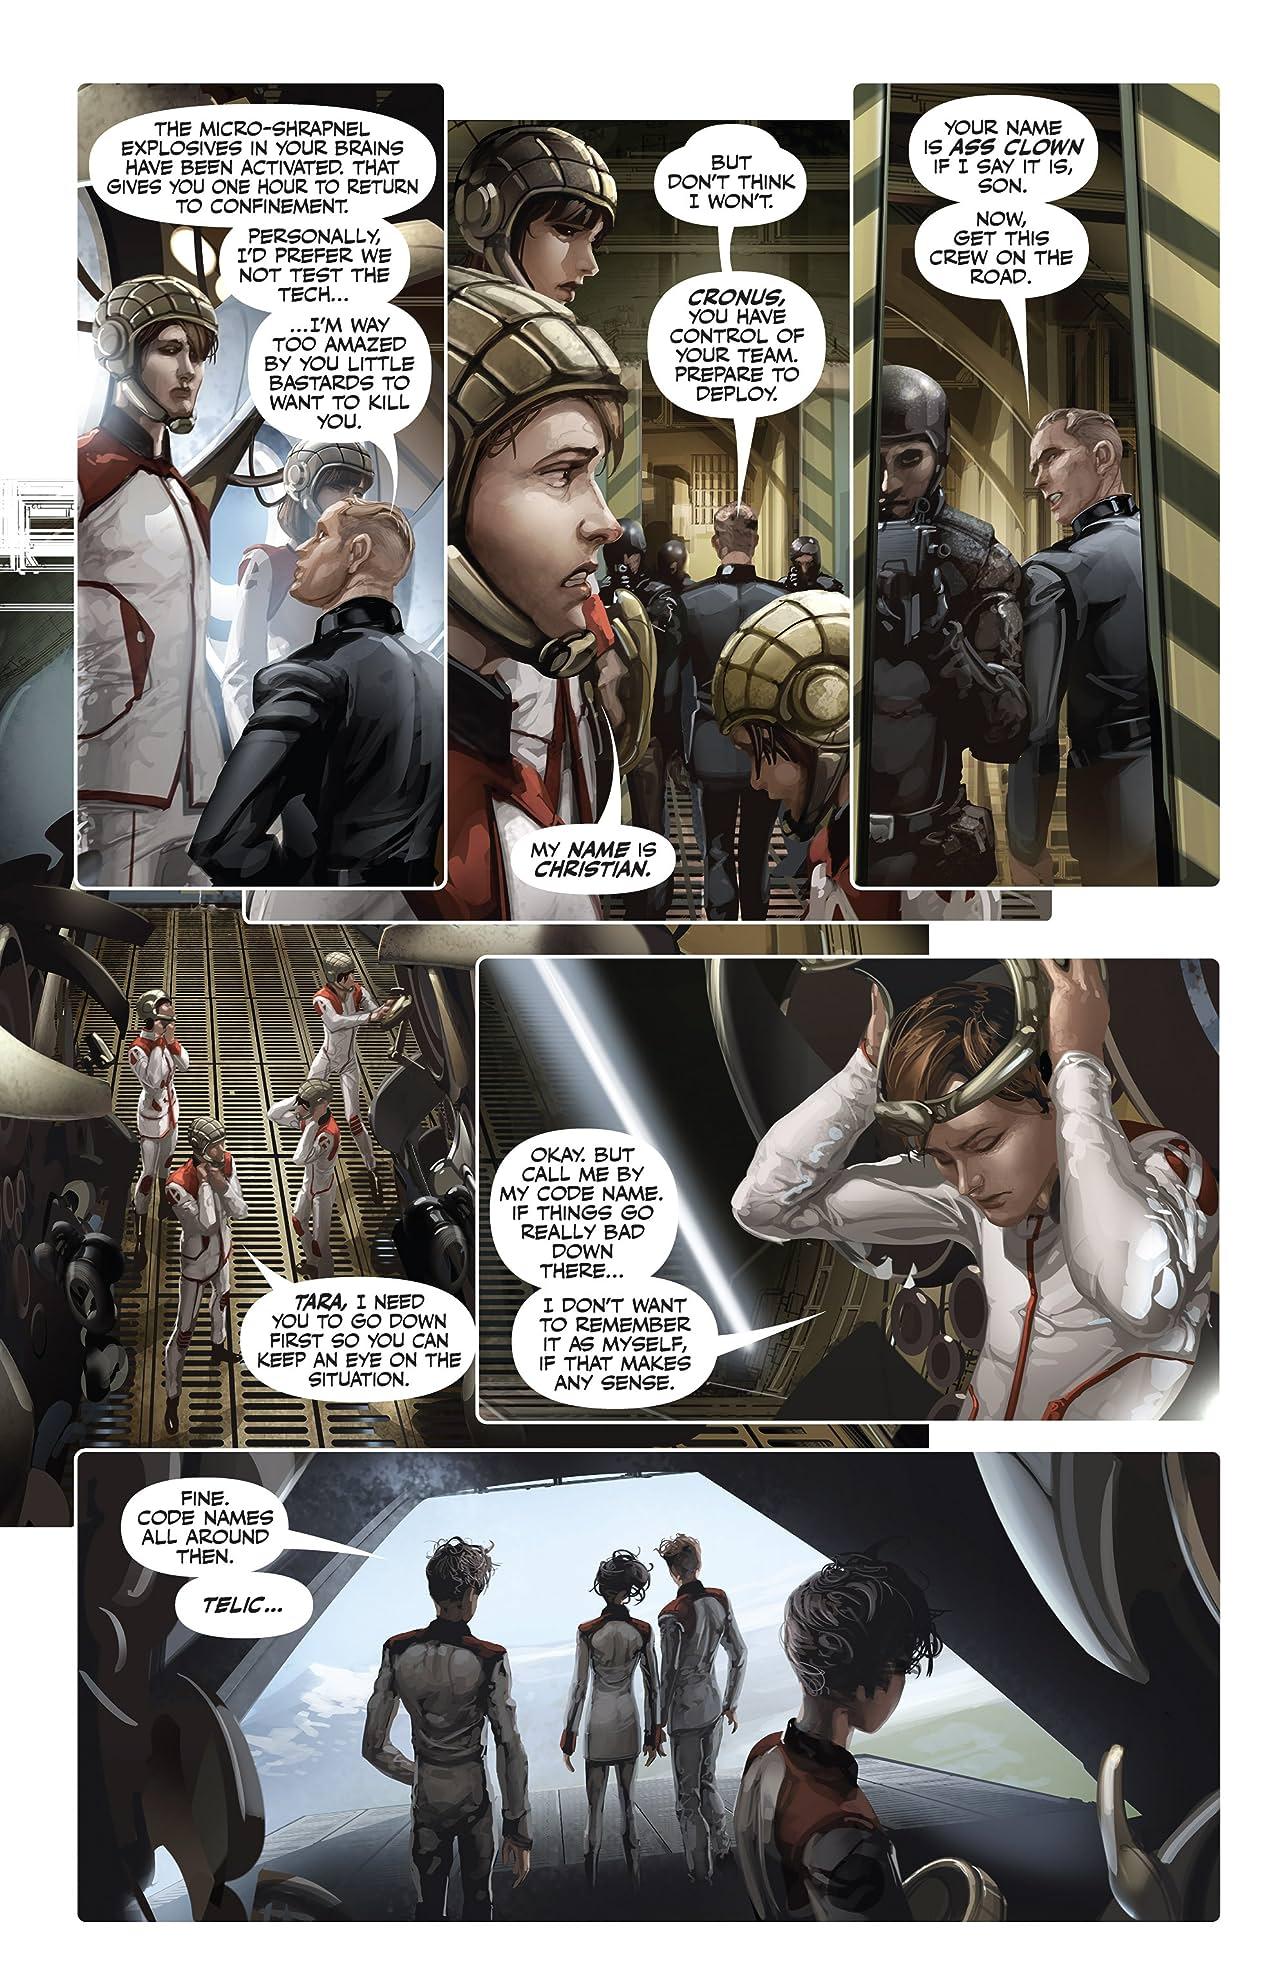 Valiant Comics FCBD 2013 Special